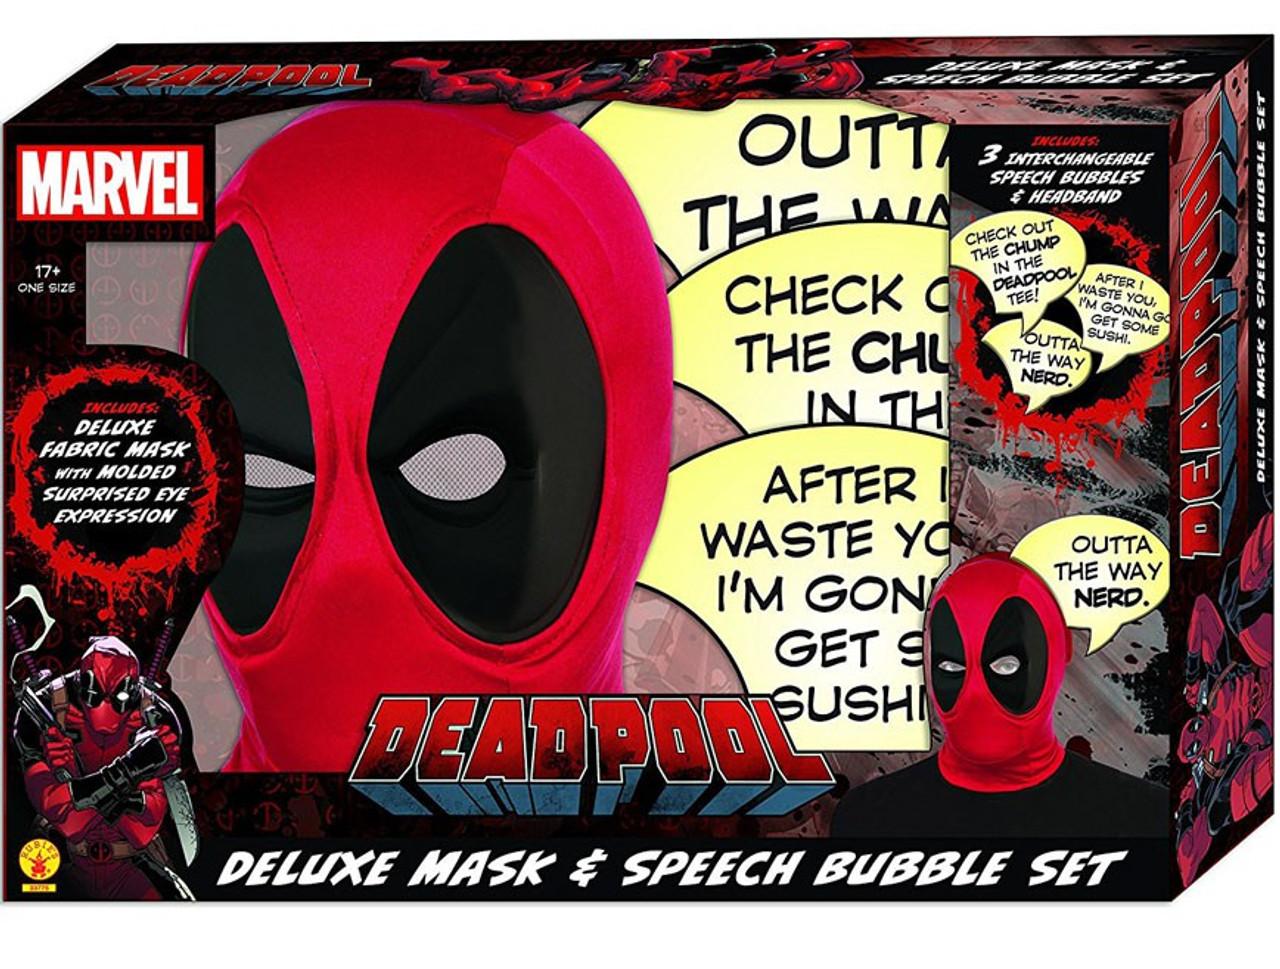 Marvel Deadpool Deadpool Deluxe Mask Speech Bubble ...